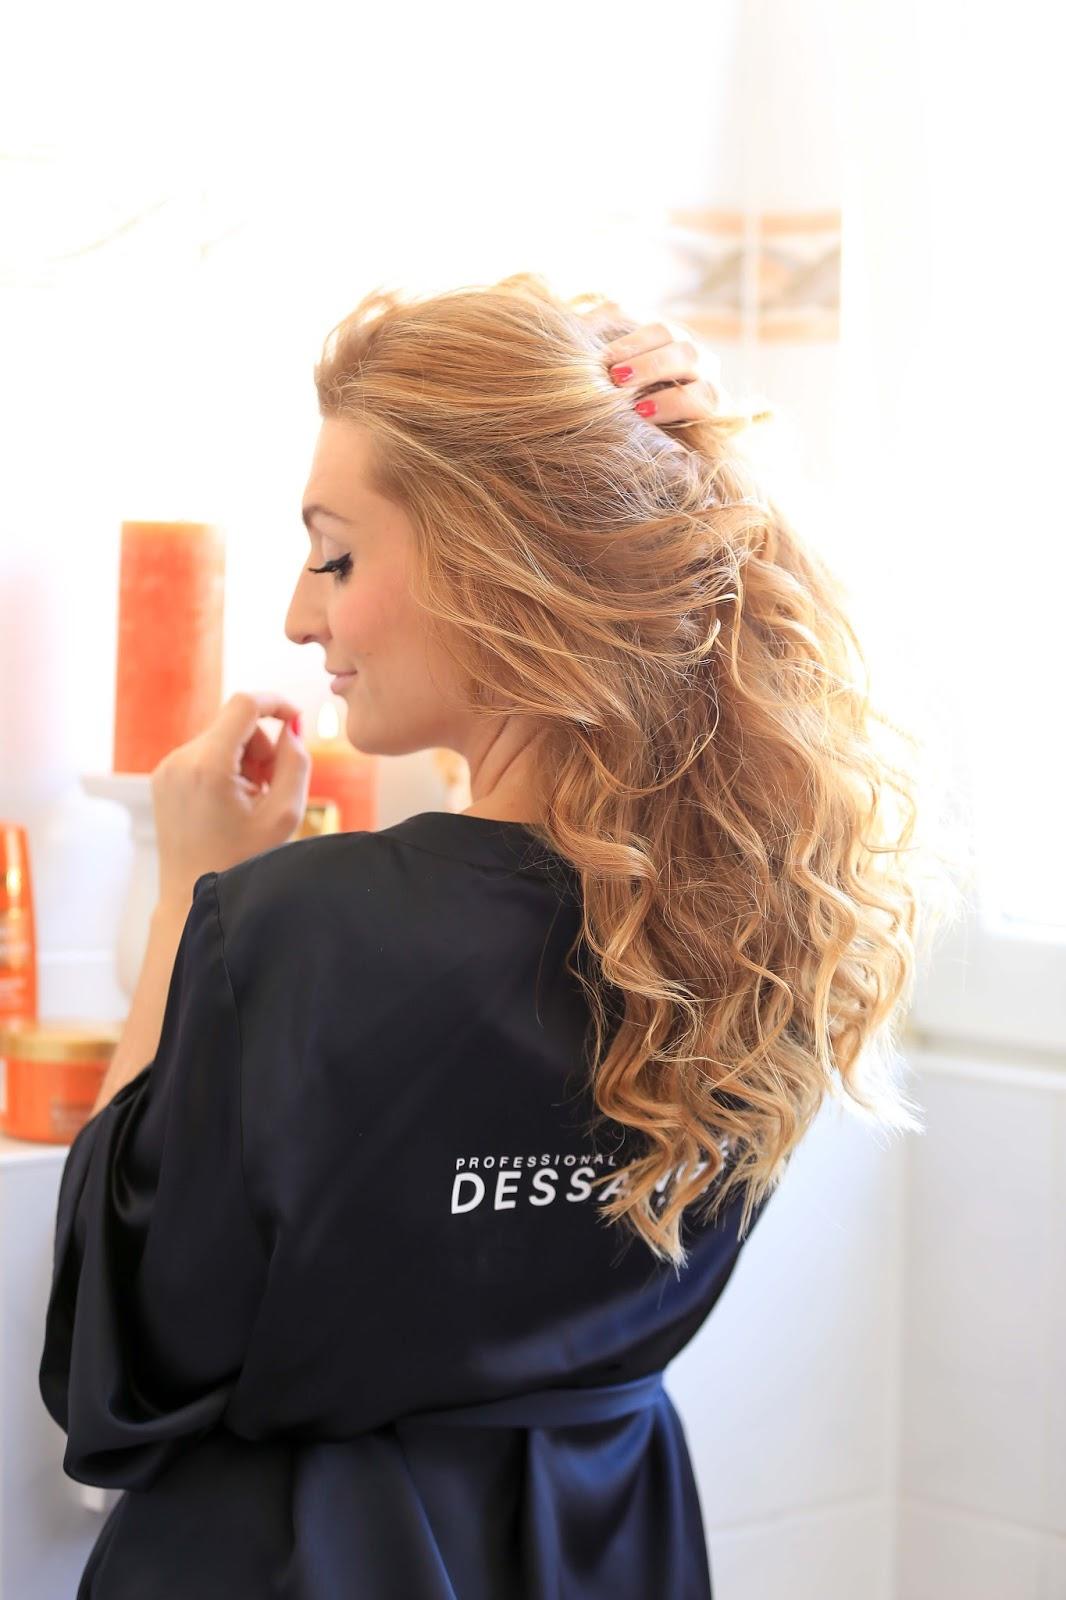 Fashionstylebyjohanna-hairstyling-haare-routine-pflegeprodukte-blogger